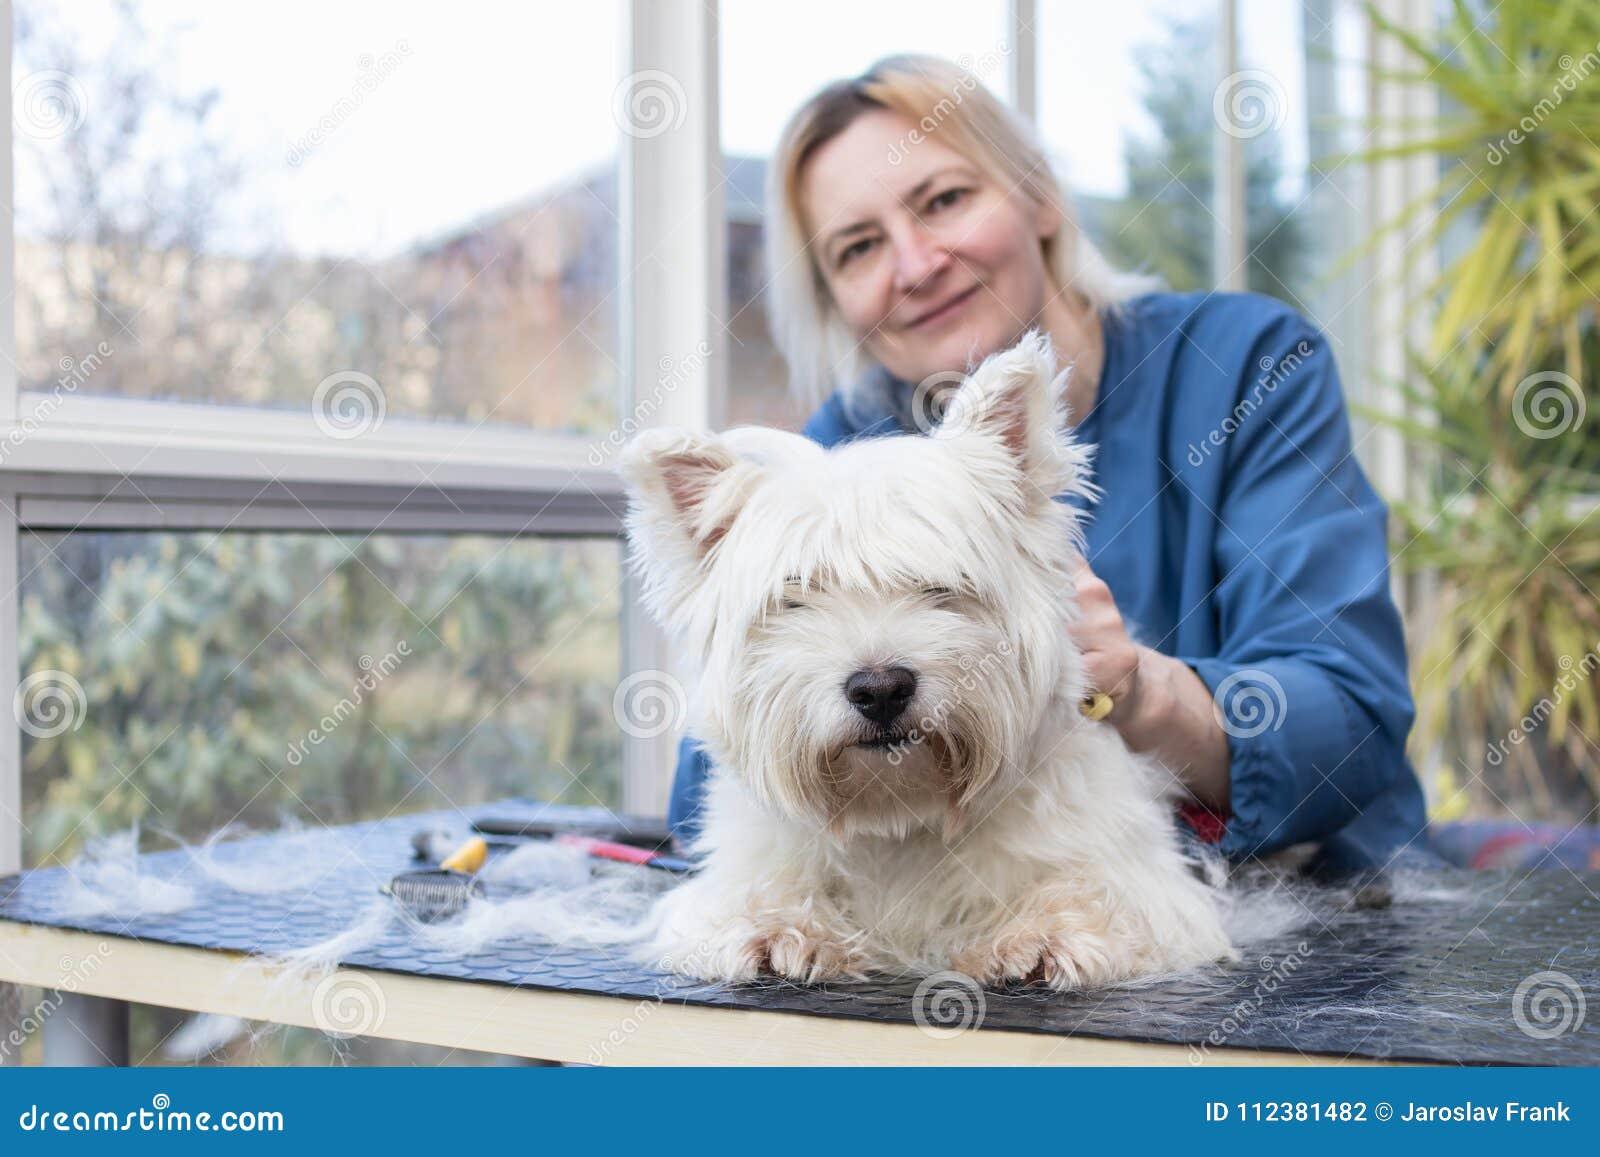 Lächelnde Frau ist Pflegen des West Highland White Terrier-Hundes